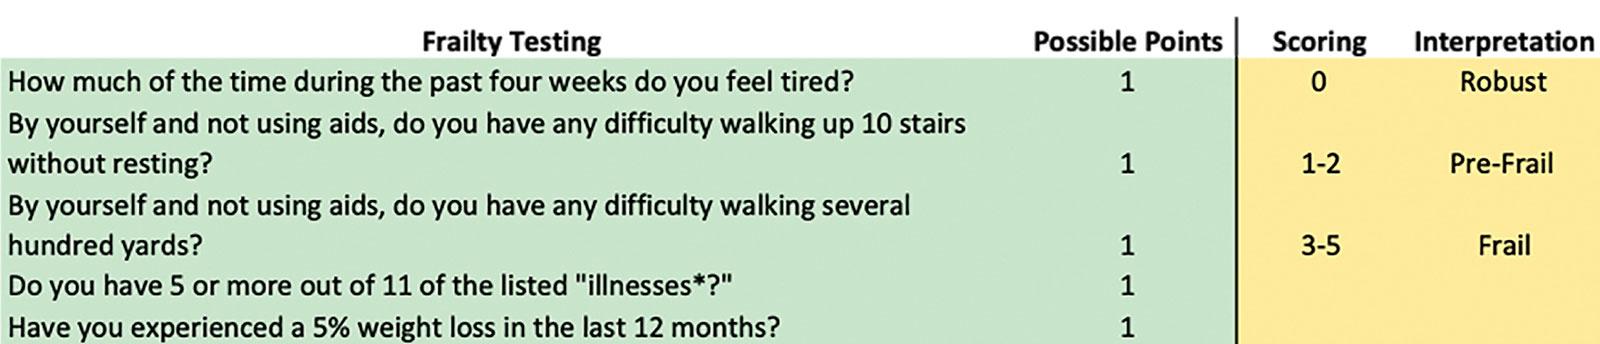 Figura 2. Una prueba rápida para evaluar la fragilidad como indicador de riesgo de delirio.<br /><br />*Las enfermedades incluyen hipertensión, diabetes, cáncer, enfermedad pulmonar crónica, ataque cardíaco, insuficiencia cardíaca congestiva, <br /><br />angina de pecho, asma, artritis, accidente cerebrovascular y enfermedad hepática.<sup>5,6</sup>